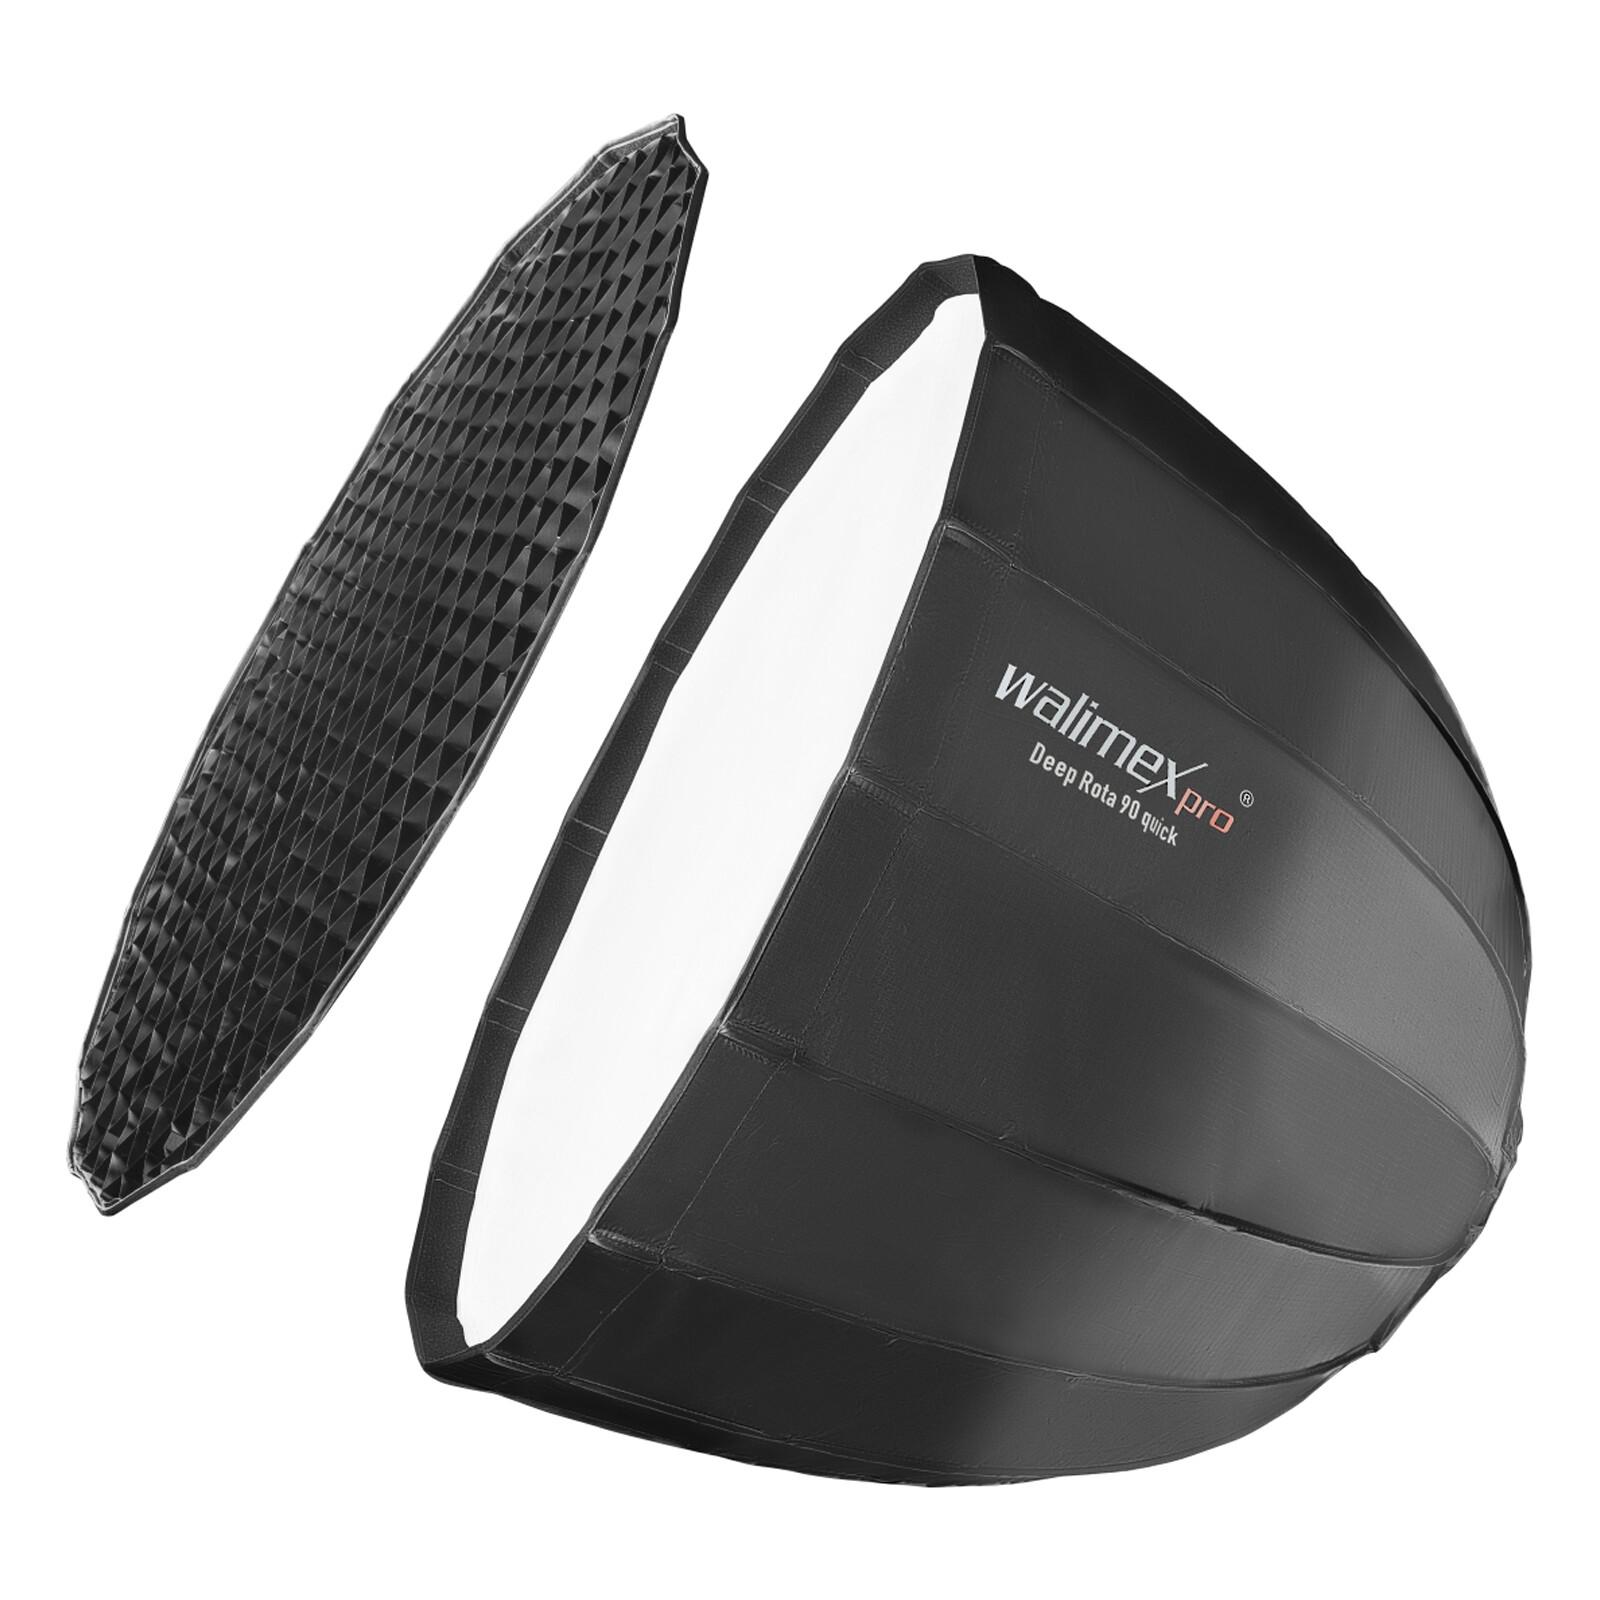 Walimex pro Studio Line Deep Rota Softbox QA90 Visatec